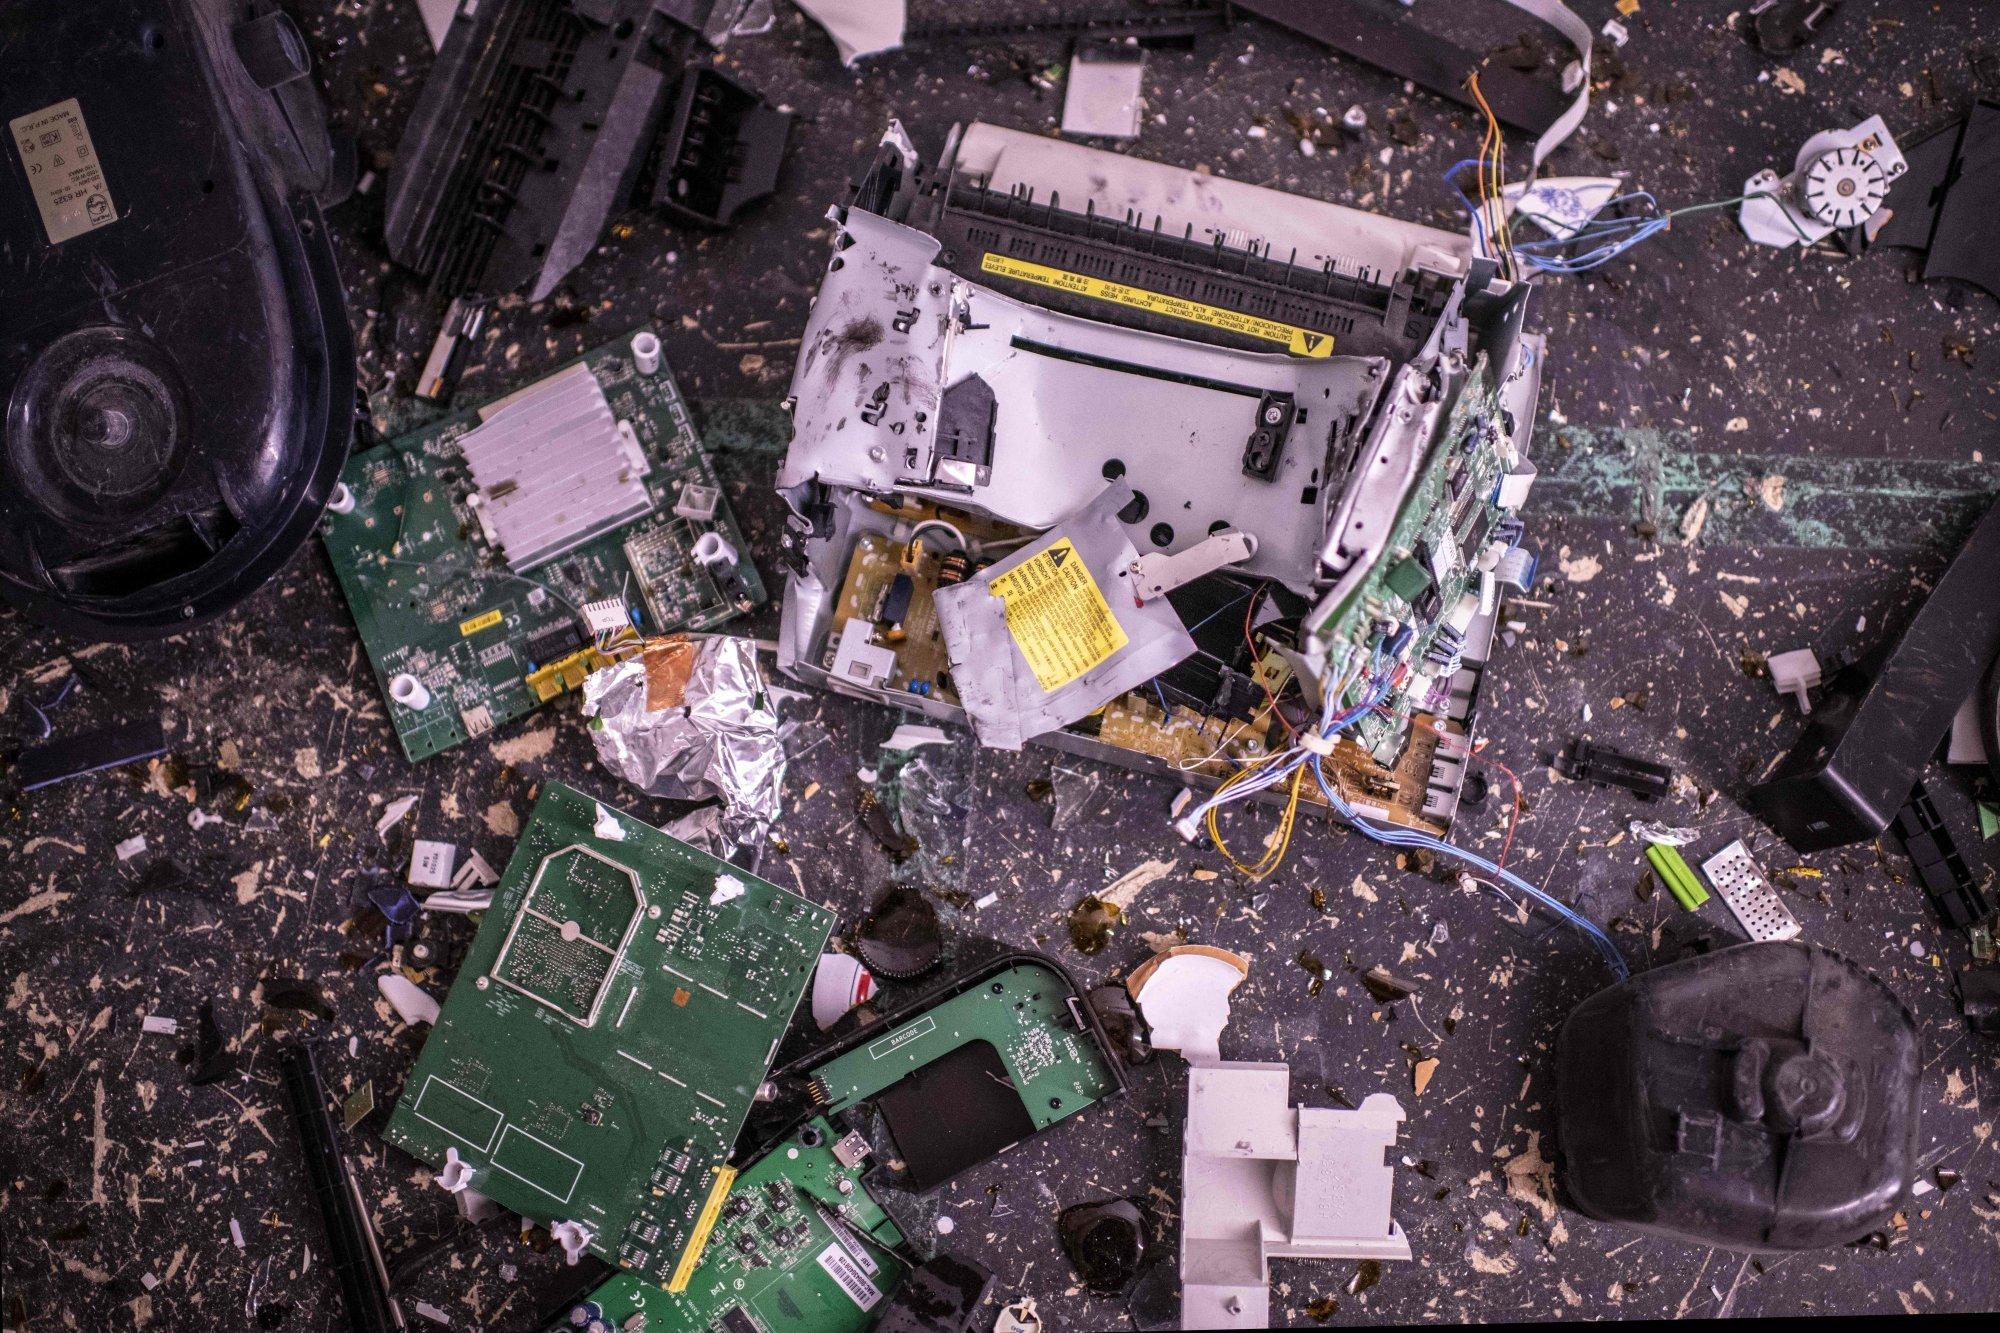 Đồ đạc bị khách hàng đập phá bên trong căn phòng trút giận - Ảnh: AFP